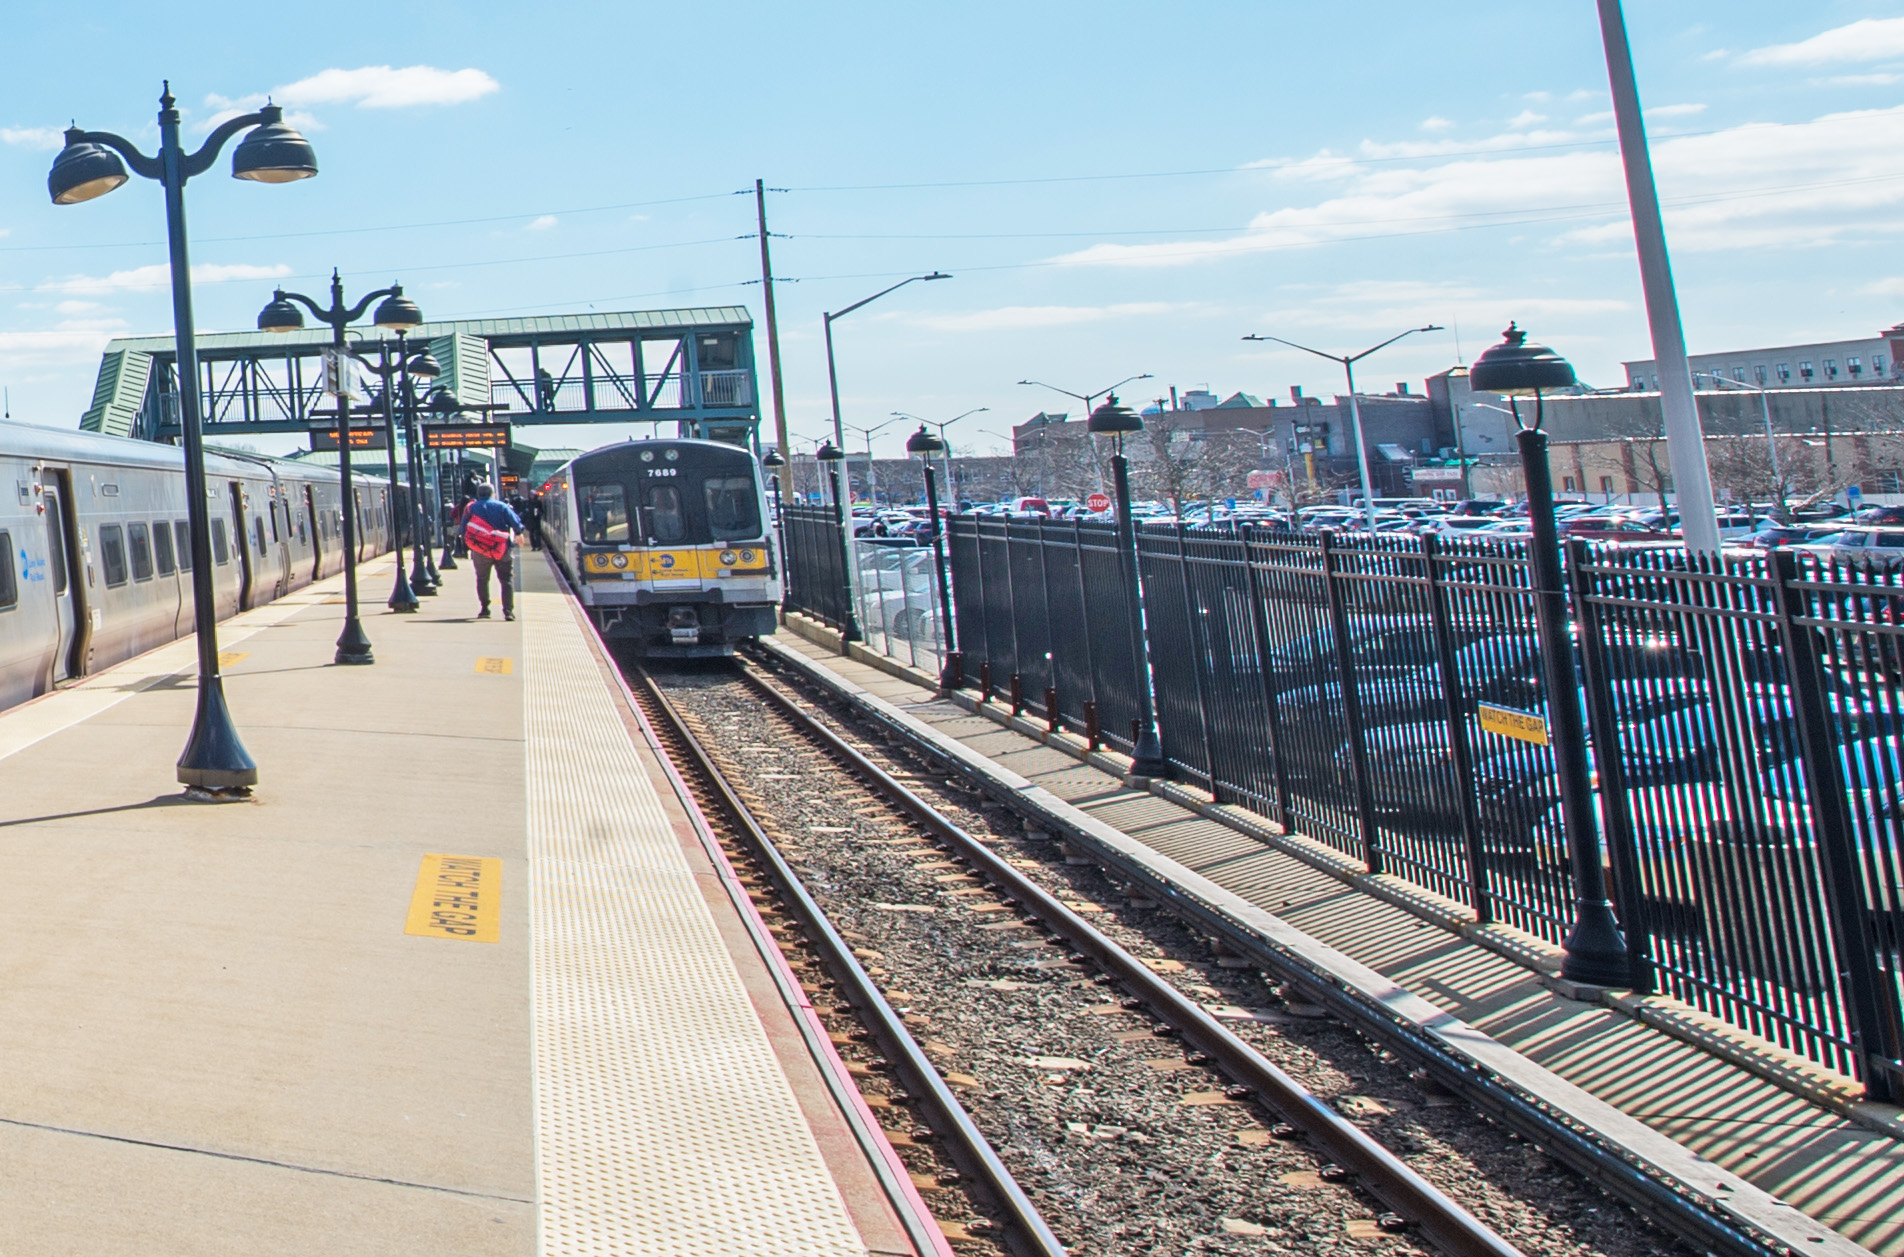 Hempstead Station Fence 03-12-19